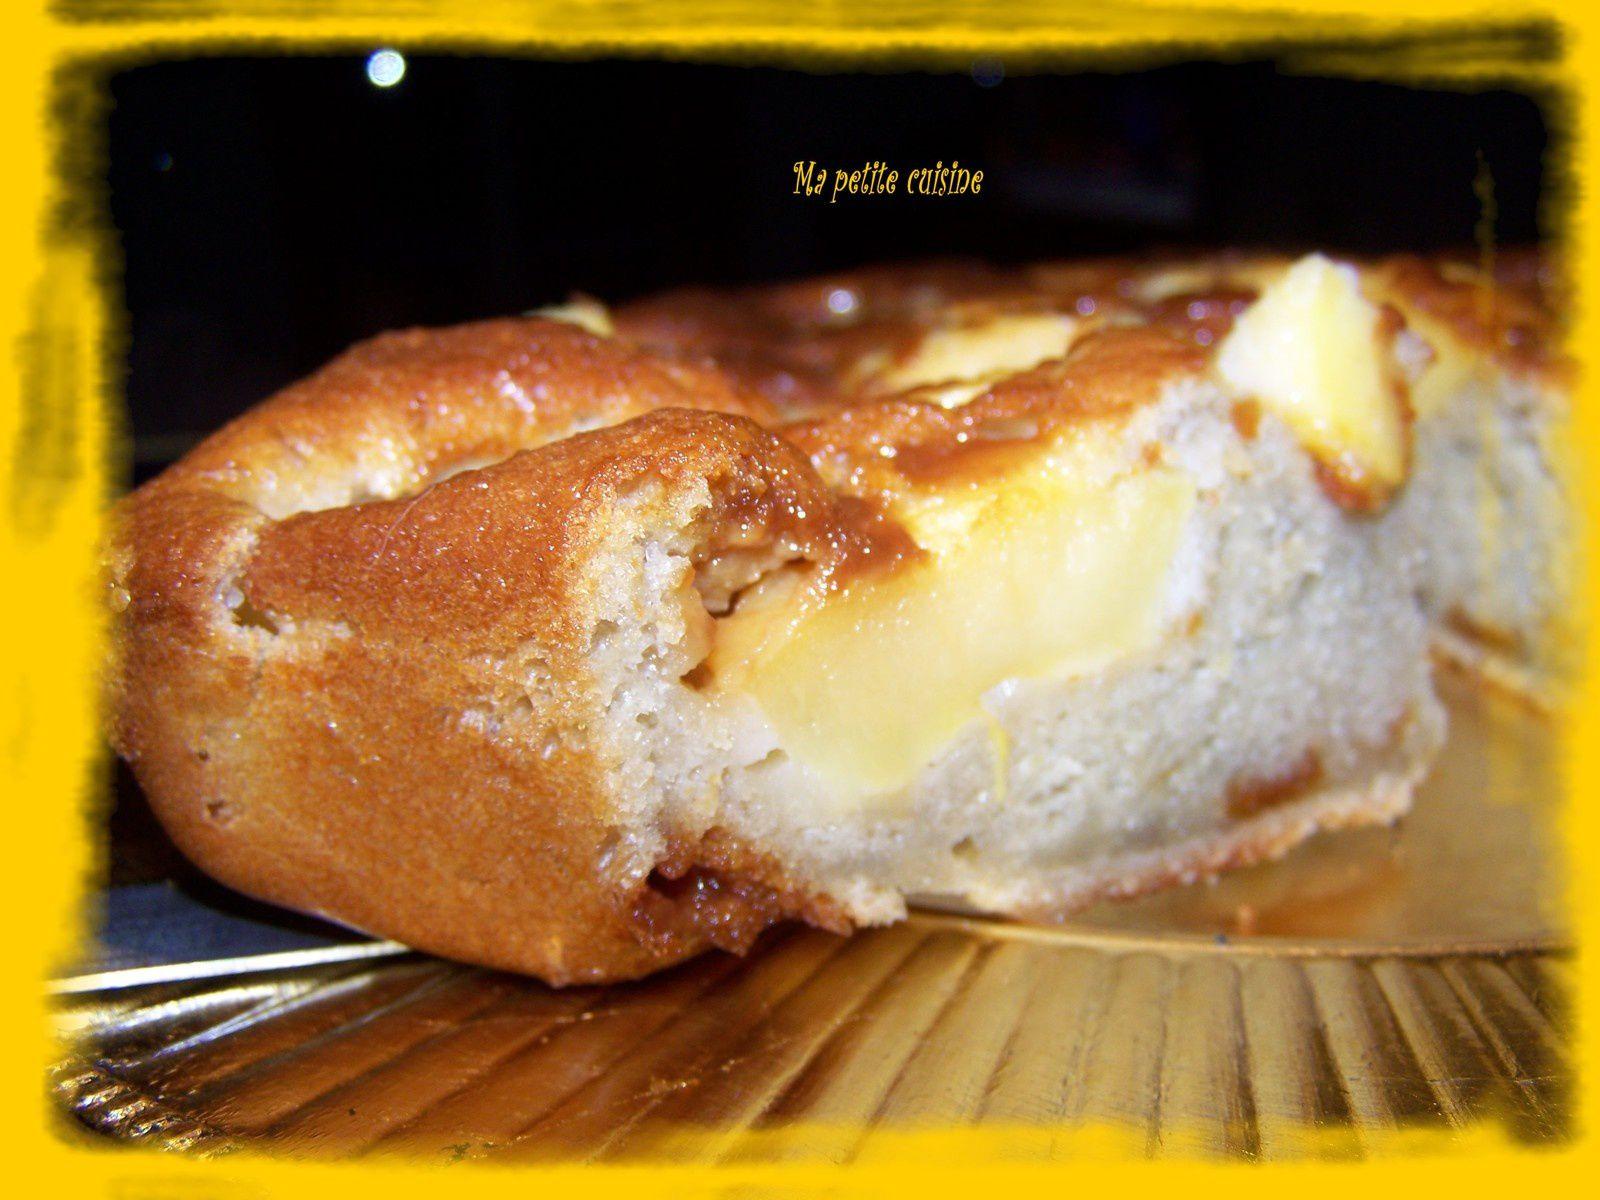 Gateau gourmand à la pomme et caramel au beurre salé